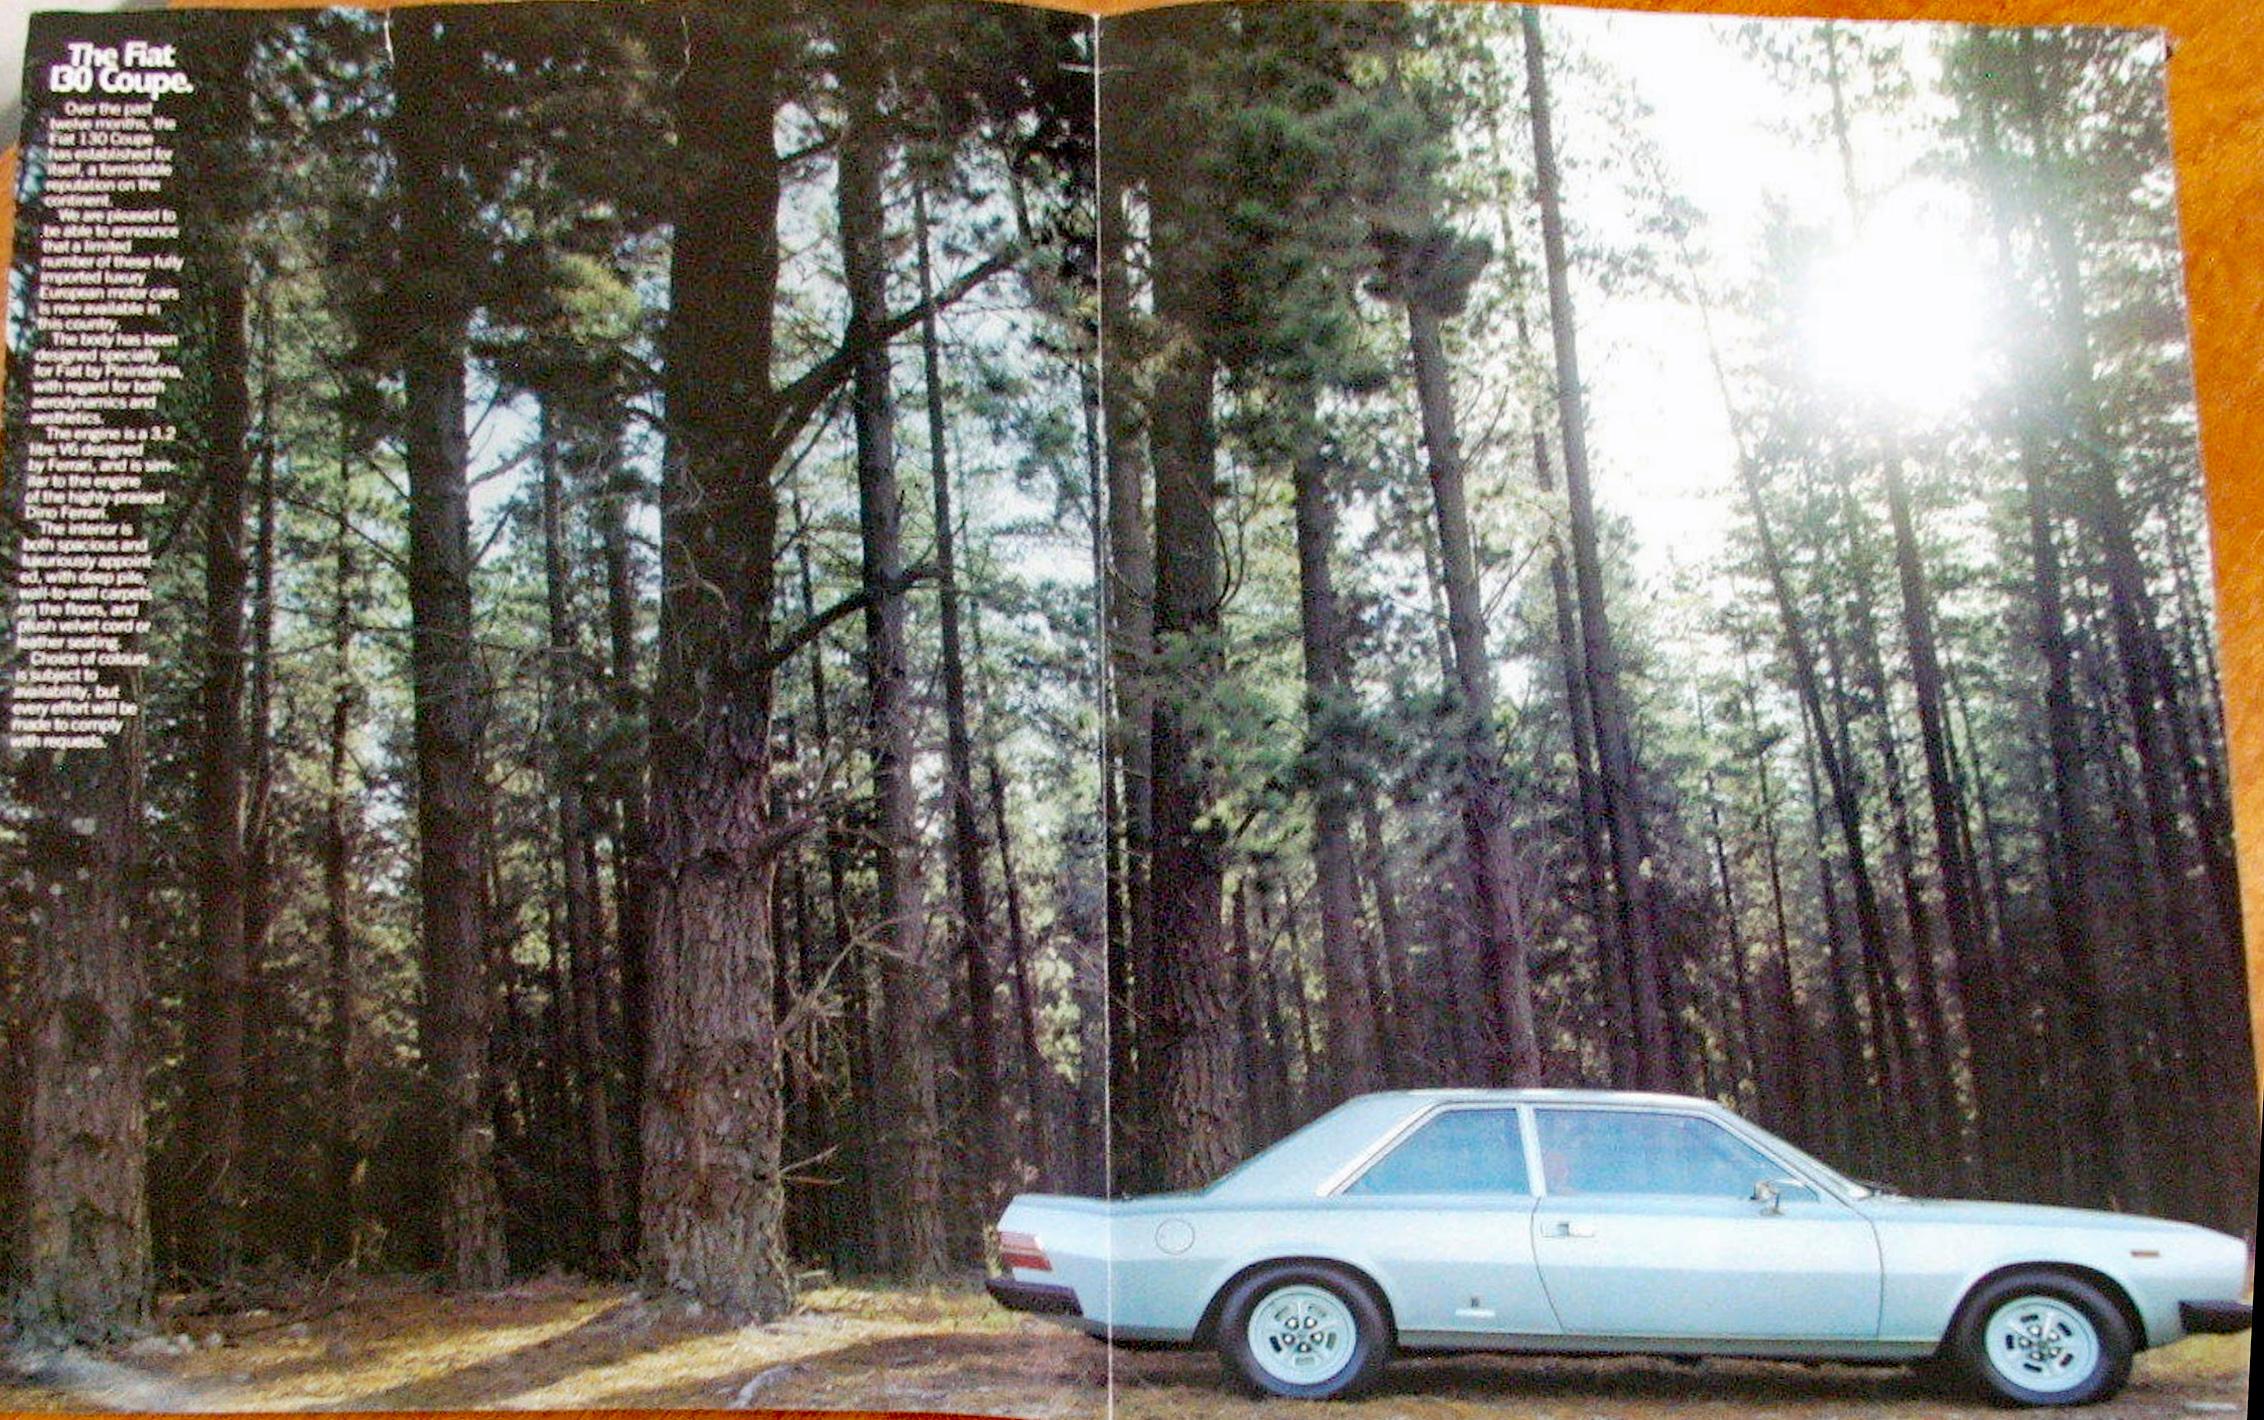 1972-Fiat-130-Coupe-original-Australian-large-format-4-page-brochure